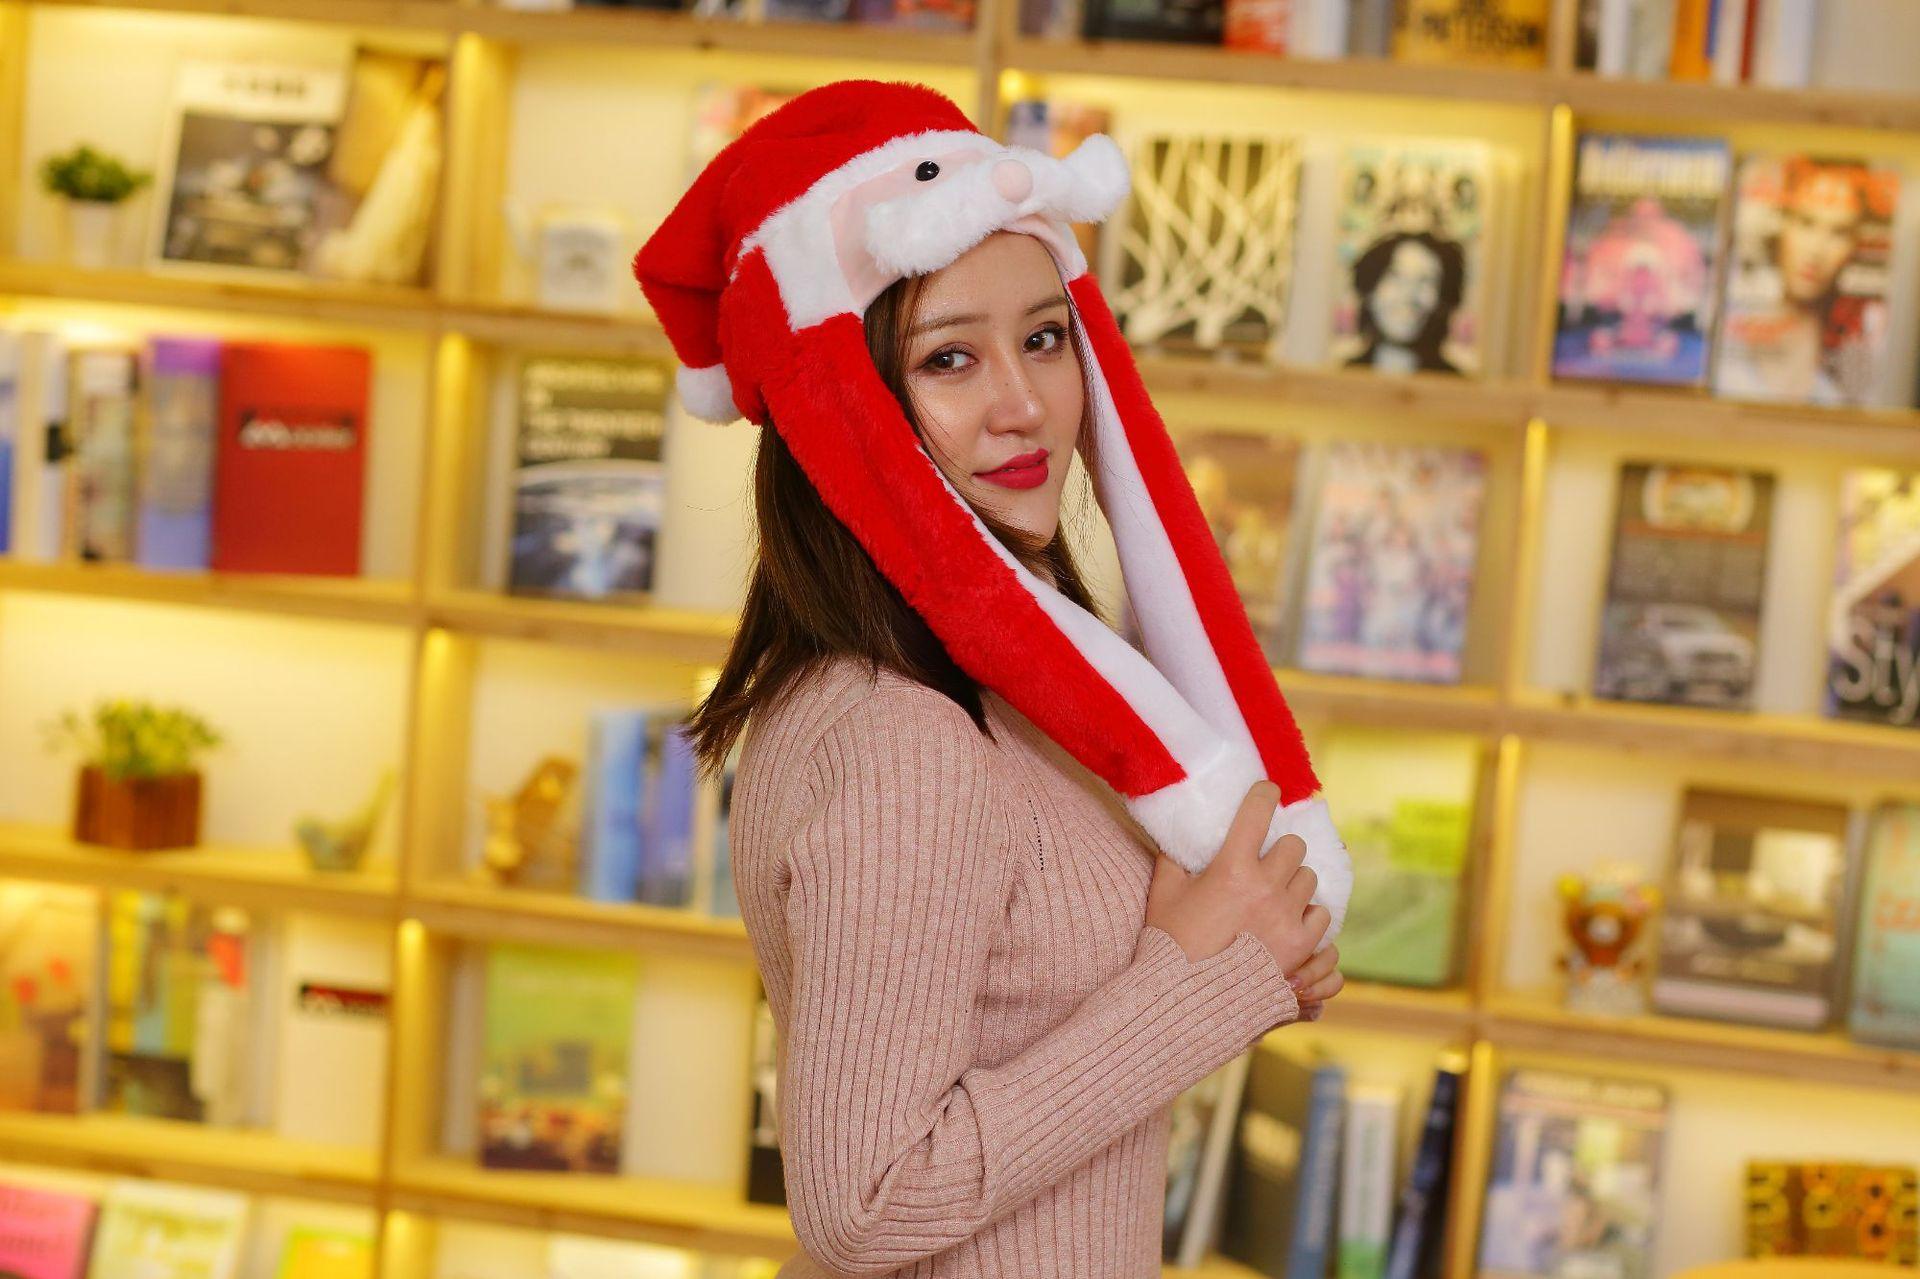 10097202505 1486035382 - Новогодняя шапка Деда Мороза светящаяся с длинными завязками, шевелятся усы